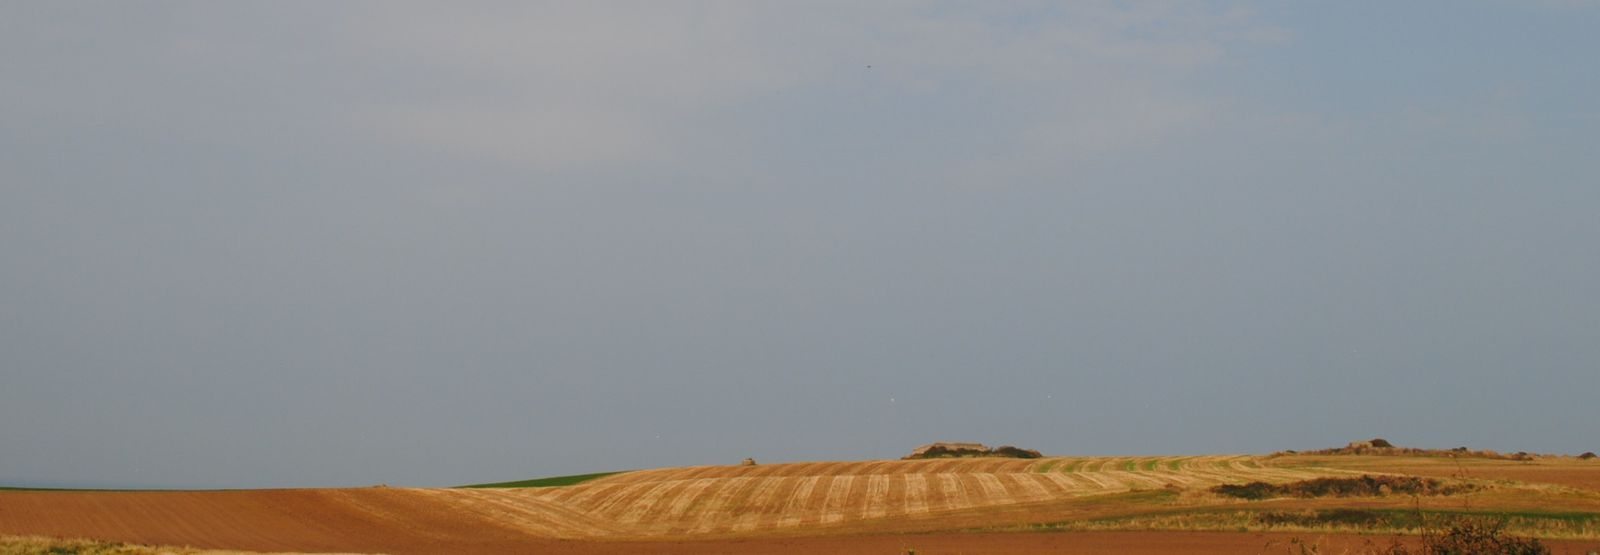 Paysage du Boulonnais - Côte d'Opale © Levaillant 2013